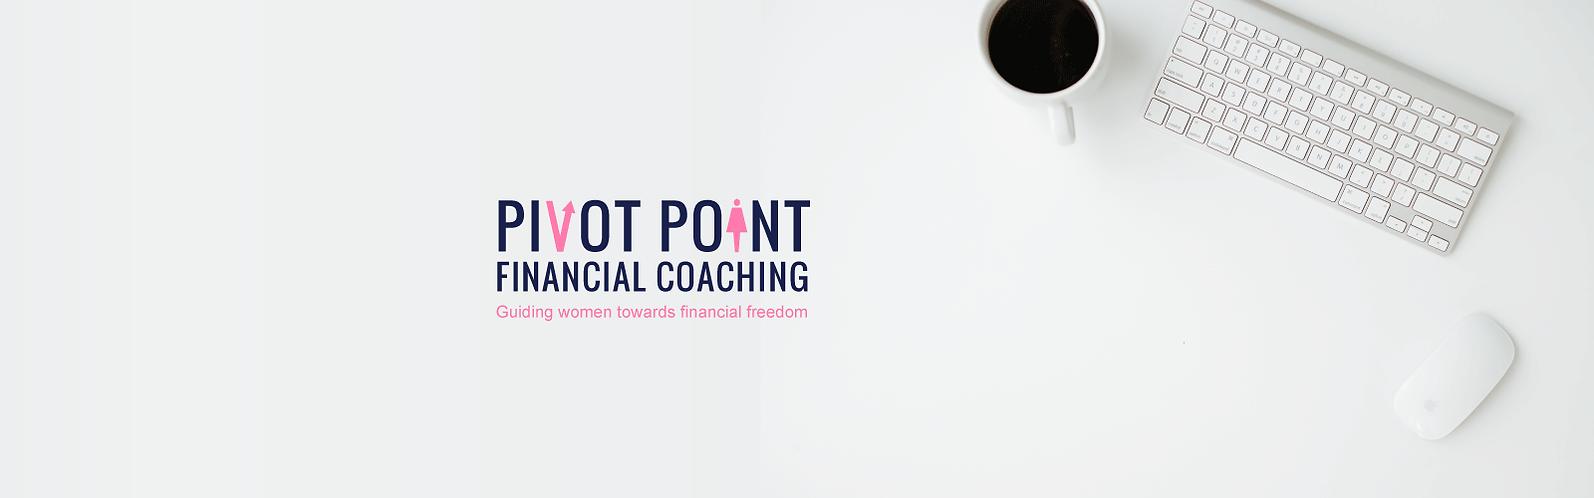 pivot point financial coaching for women